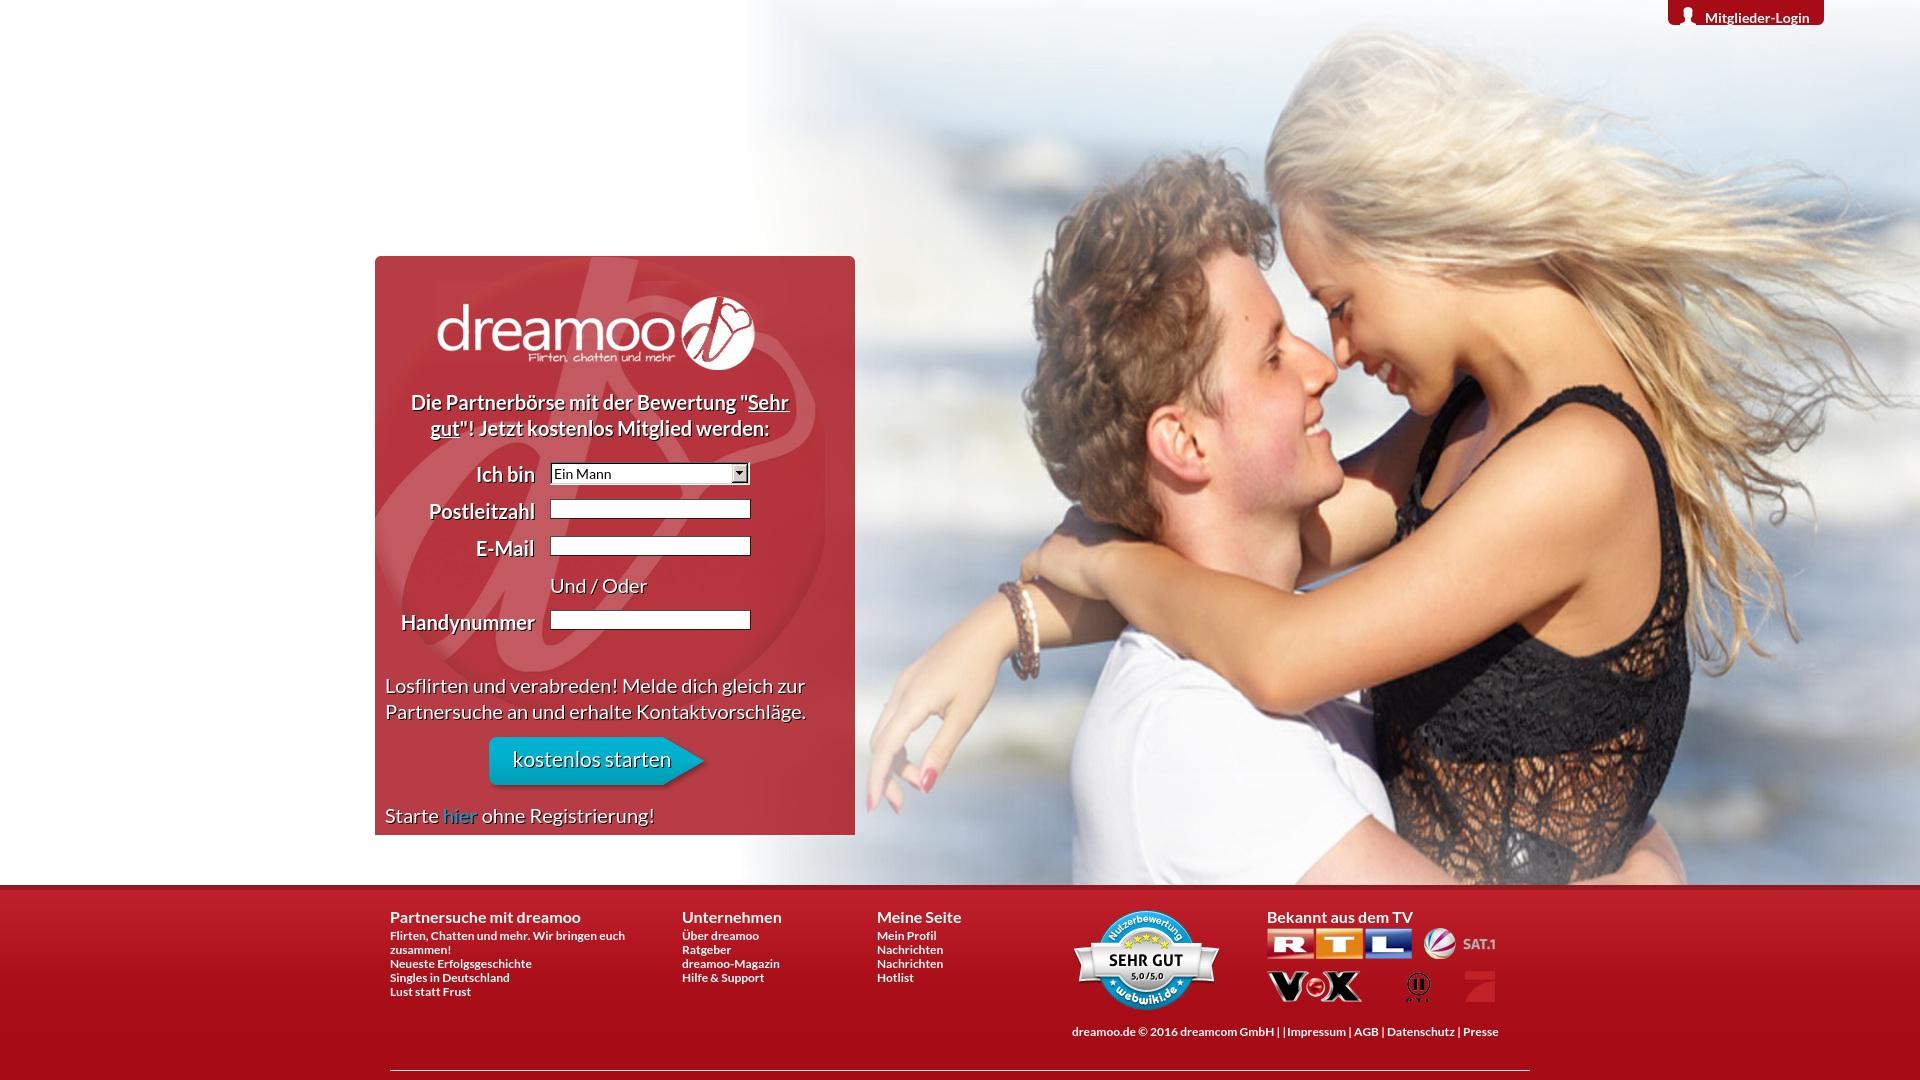 Gutschein für Dreamoo: Rabatte für  Dreamoo sichern